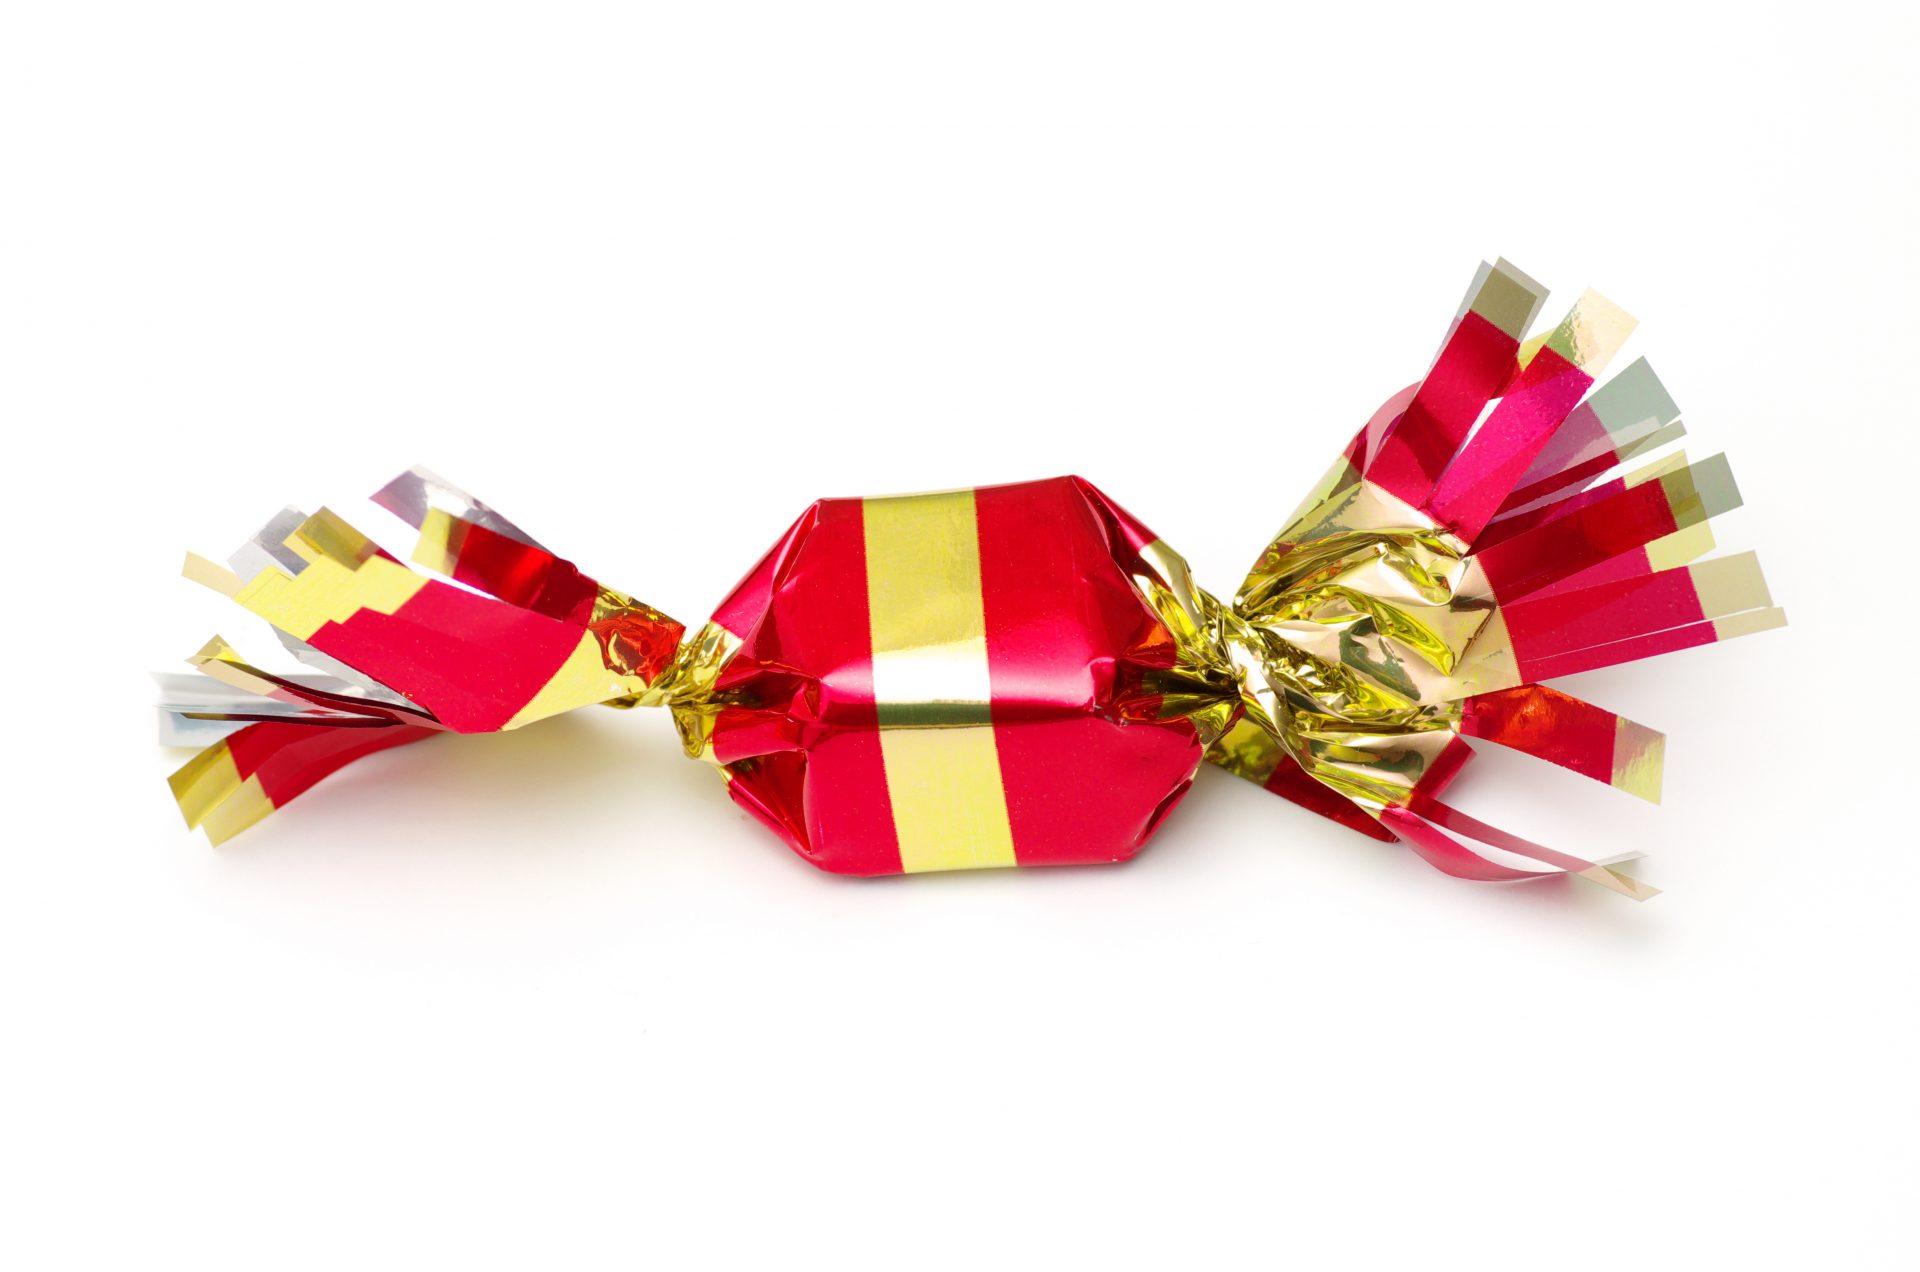 15. Dezember: Ein Bonbon als Weihnachtsgeschenk